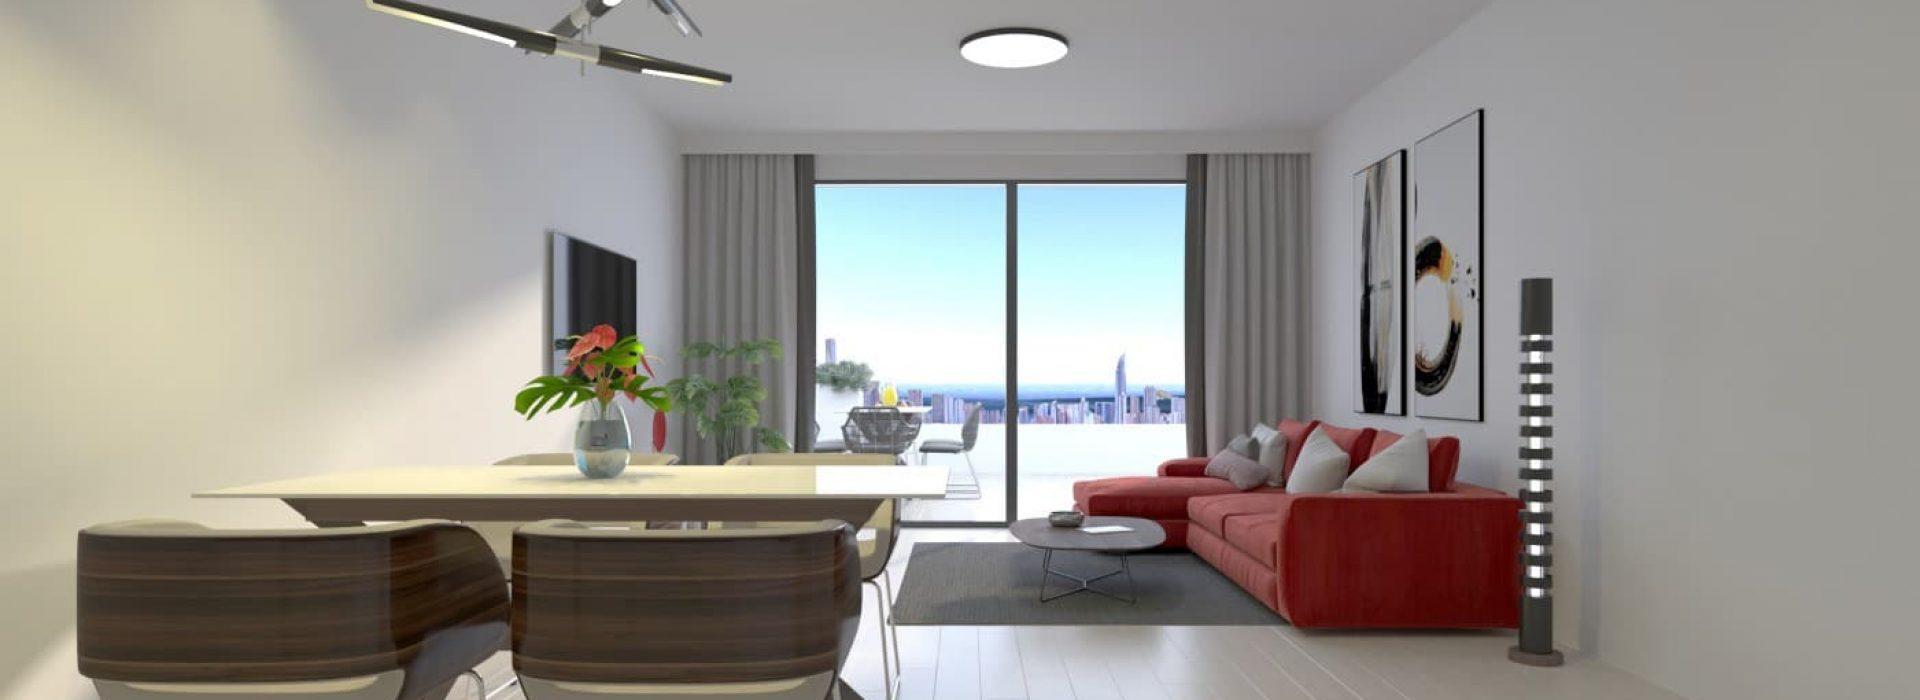 nowe-apartamenty-w-kompleksie-z-pieknymi-basenami-4-17905